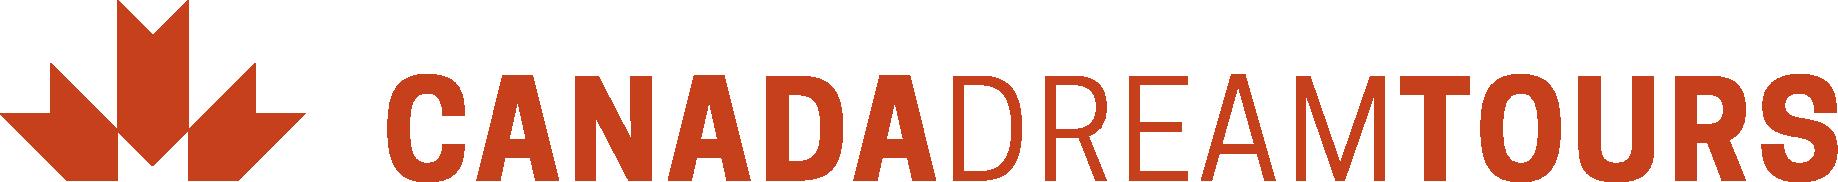 Canada Dream Tours Logo